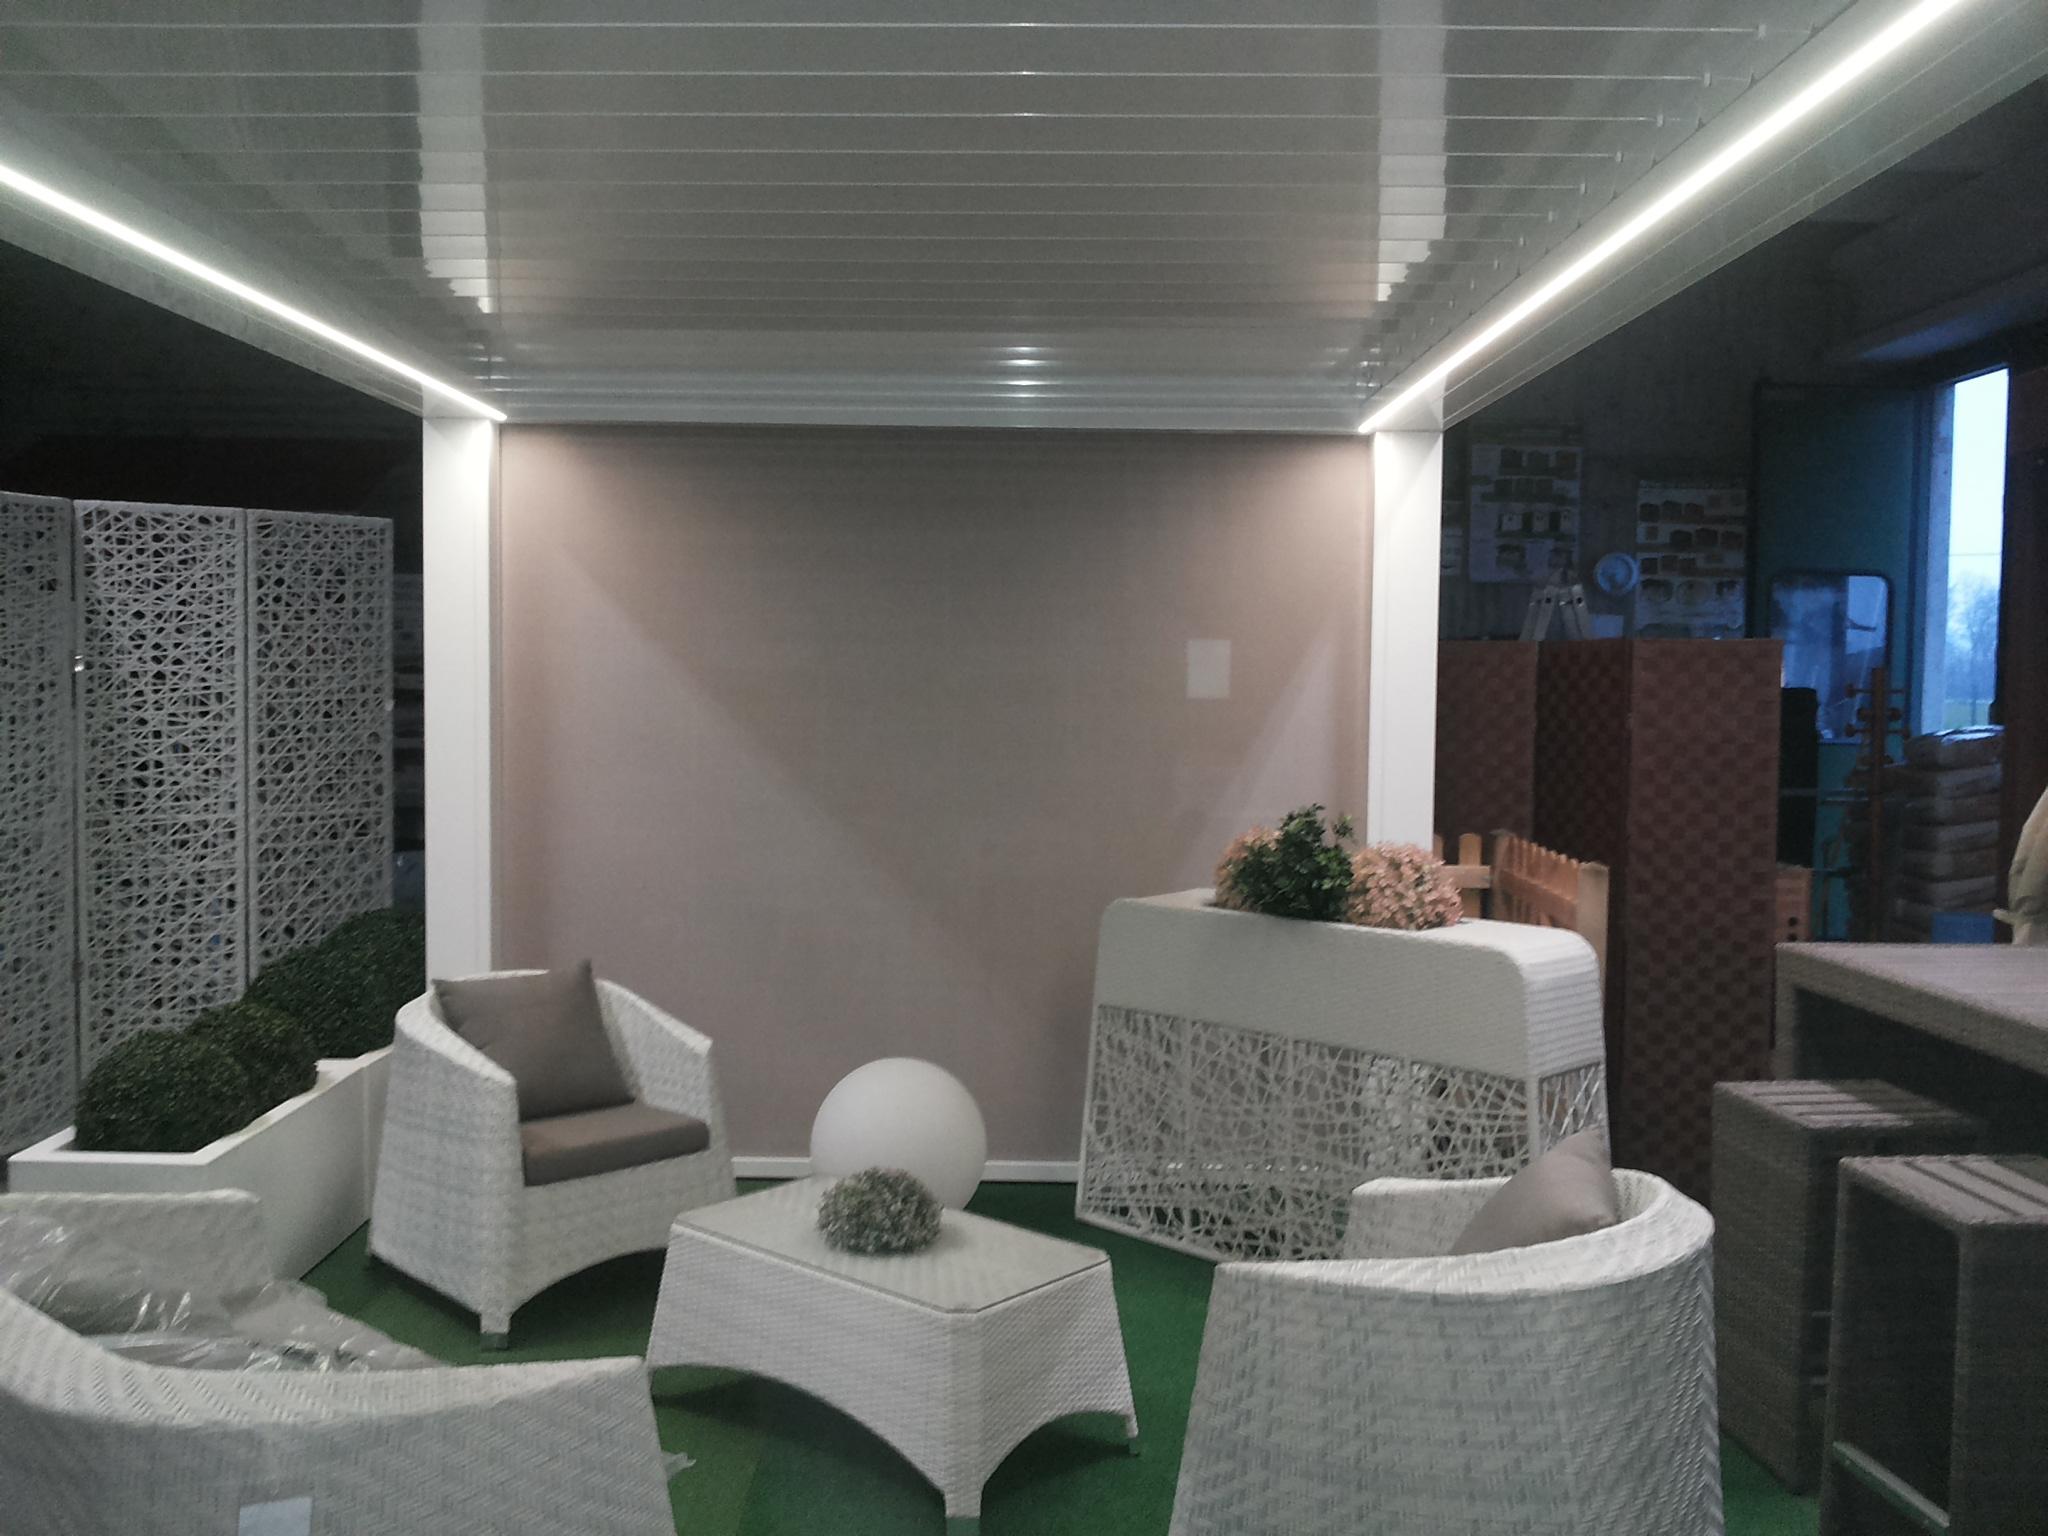 Outlet Arredo giardino Lombardia: Offerte Arredo giardino a Prezzi ...